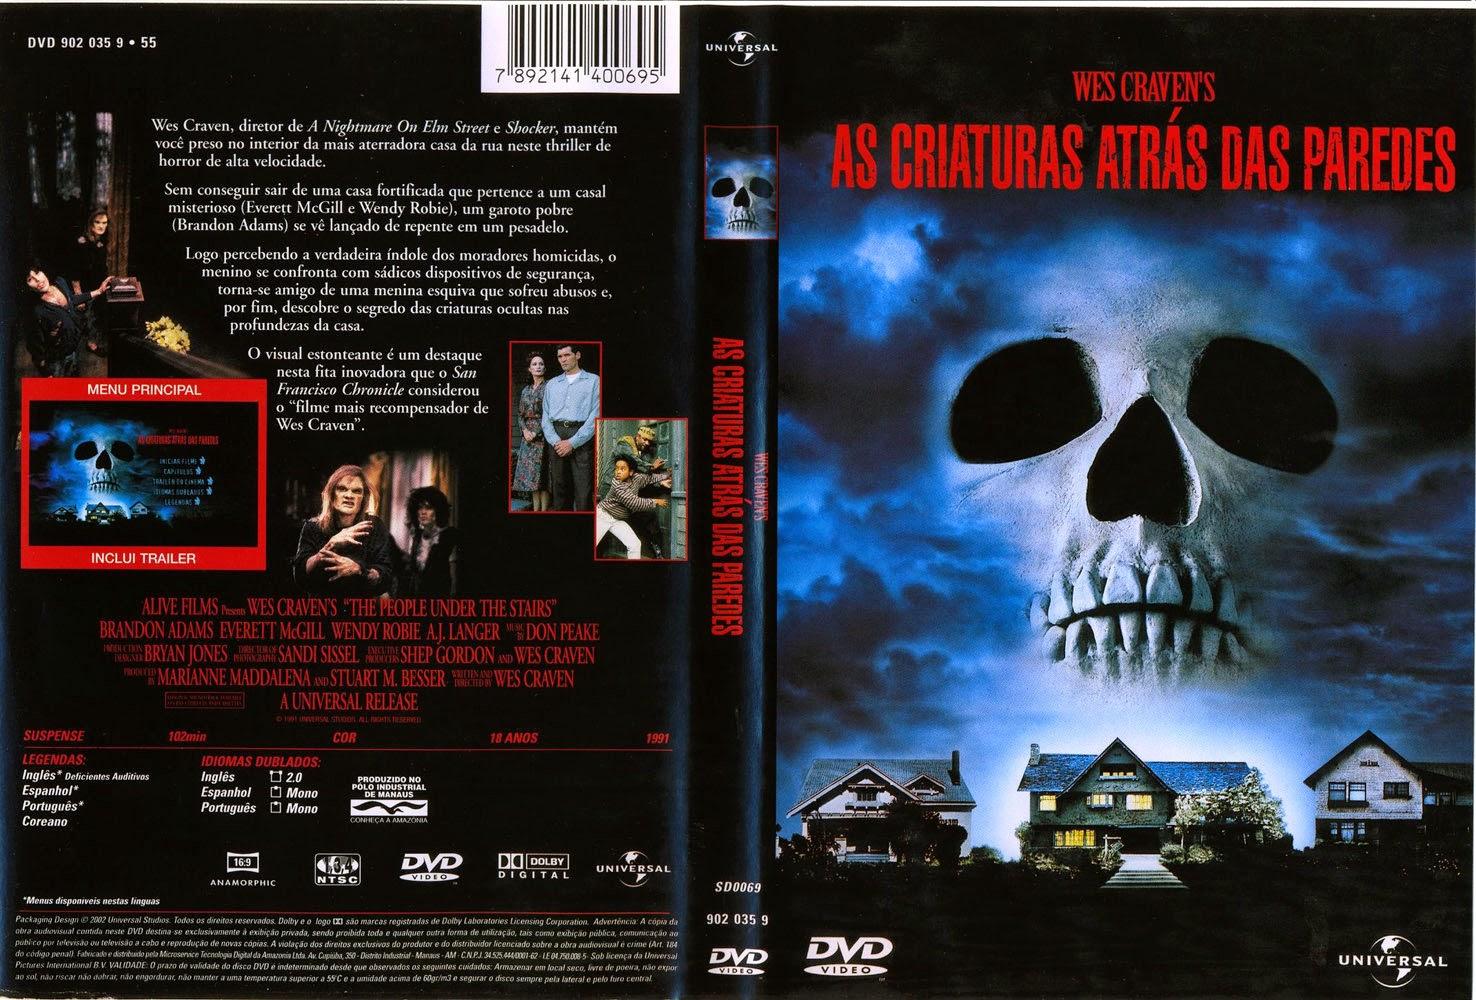 As Criaturas Atras das Paredes DVD Capa